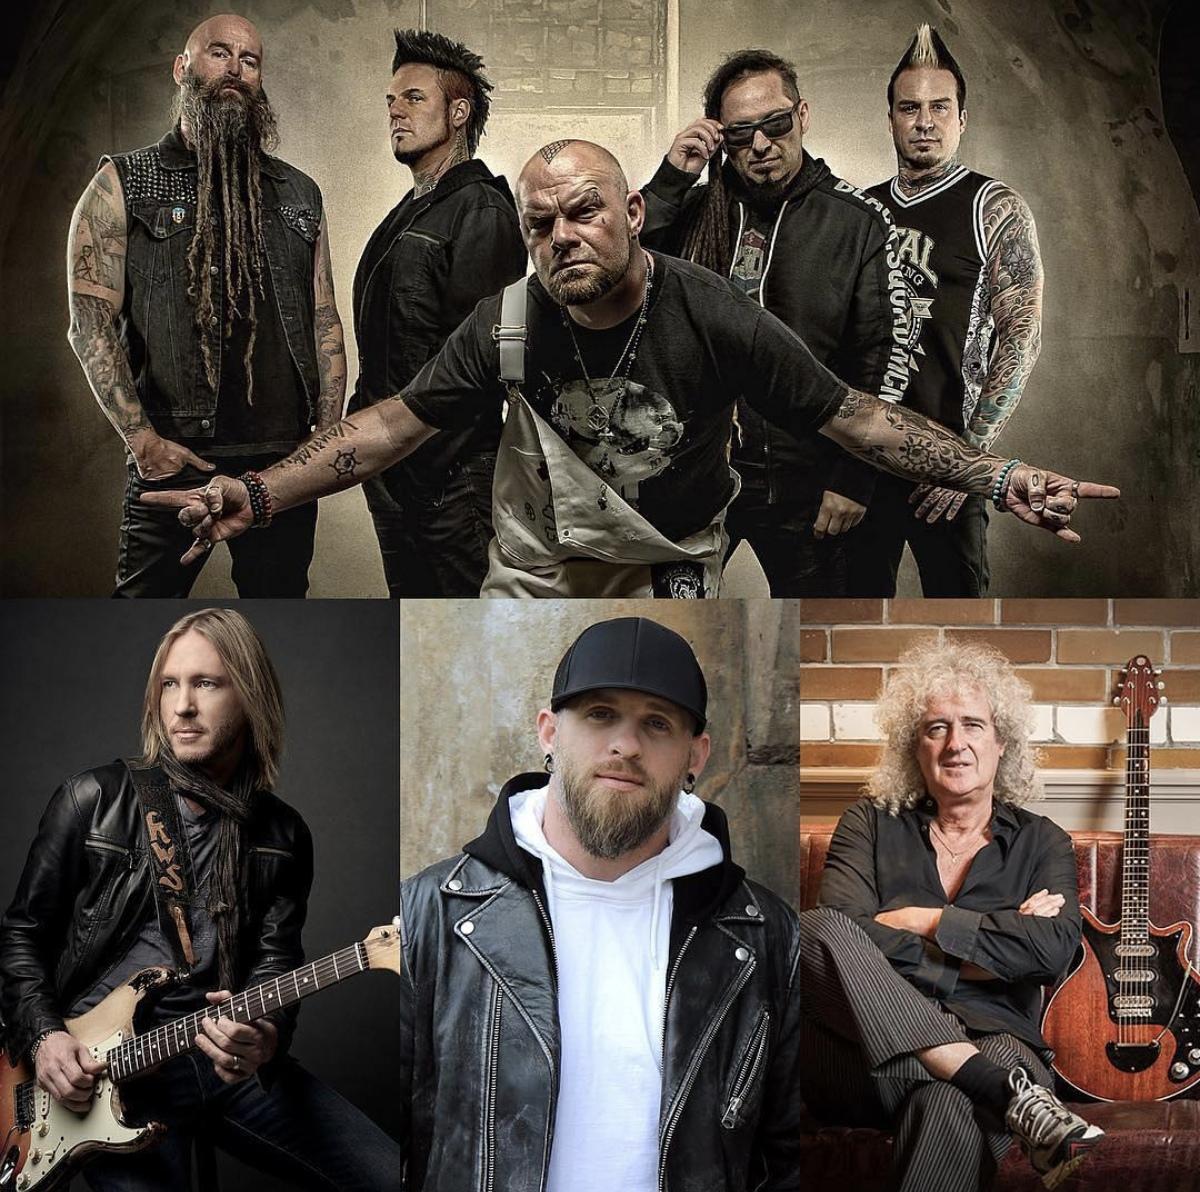 Five Finger Death Punch записали песню совместно с Брайаном Мэем, Брэнтли Гилбертом и Кенни Шеппардом